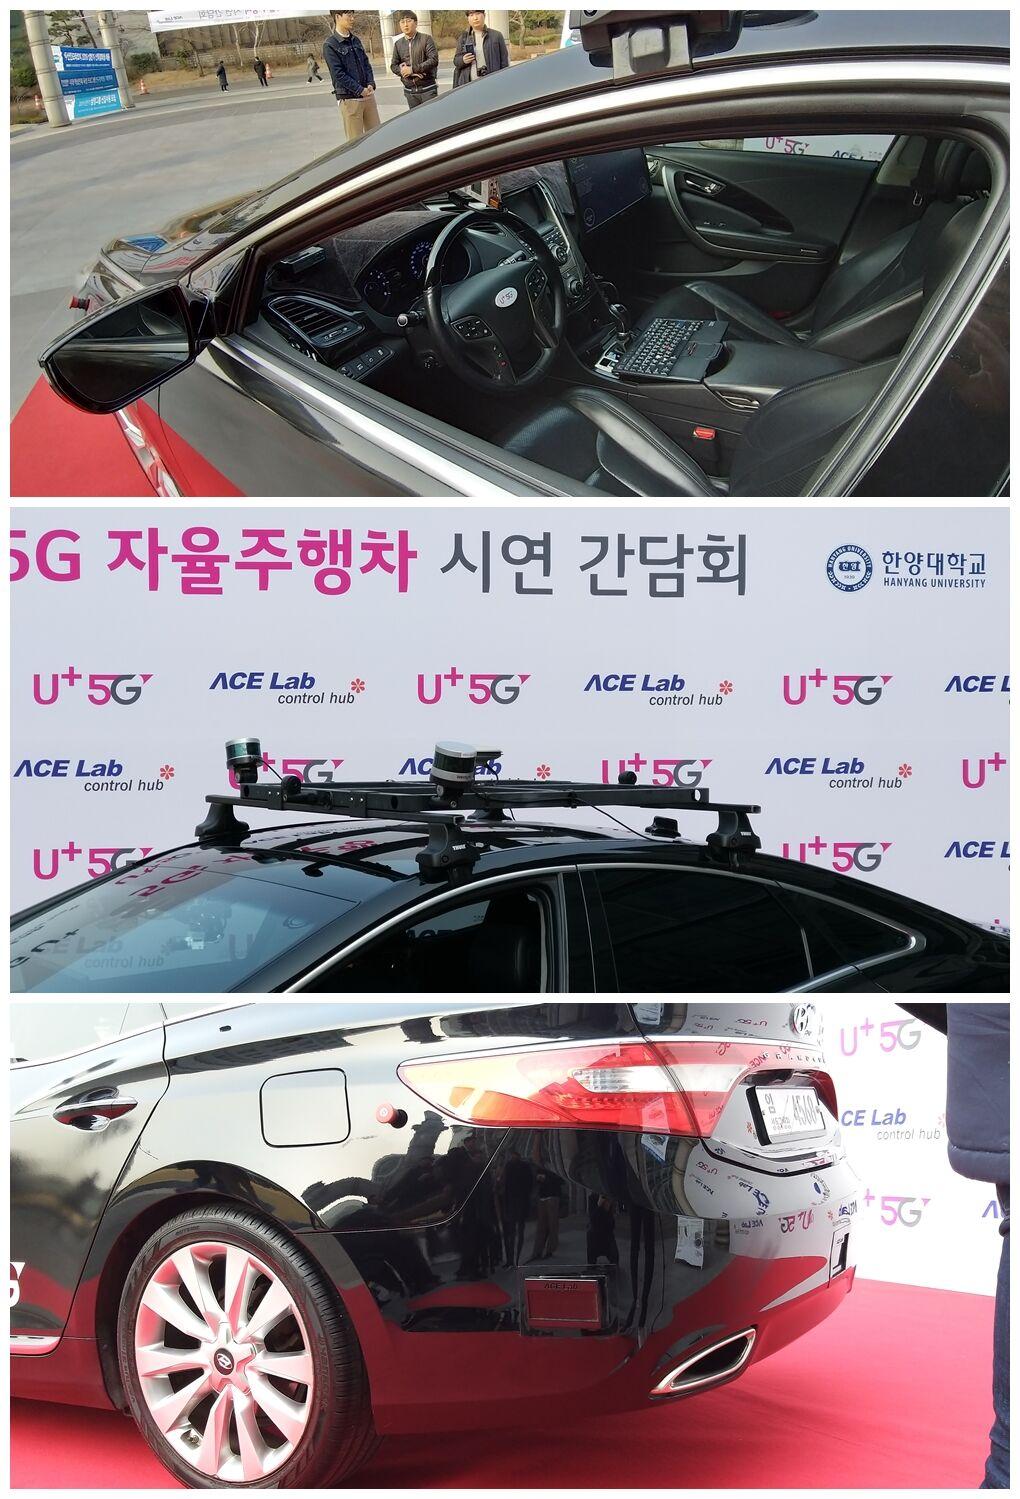 11일 서울 도심 도로 자율주행 시연에 사용된 A1에는 라이다, 레이다, 카메라, 측면 센서 등 여러 장치가 탑재됐다.